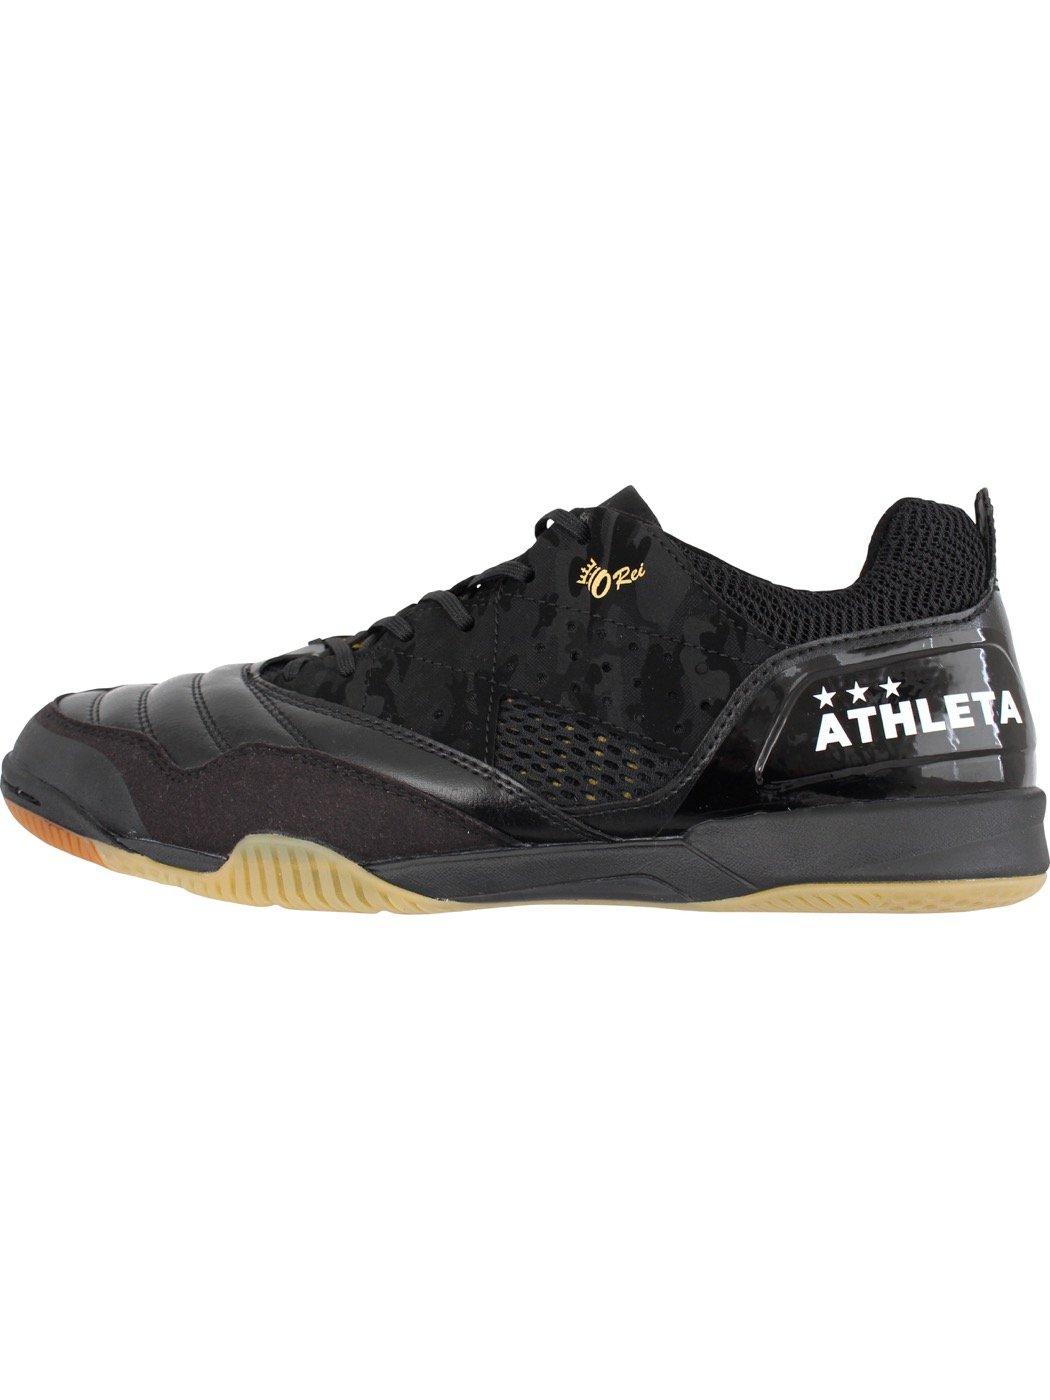 ATHLETA(アスレタ) O-Rei Futsal Rodligo 11004-BL B06VY638B2 28.5|BLK BLK 28.5